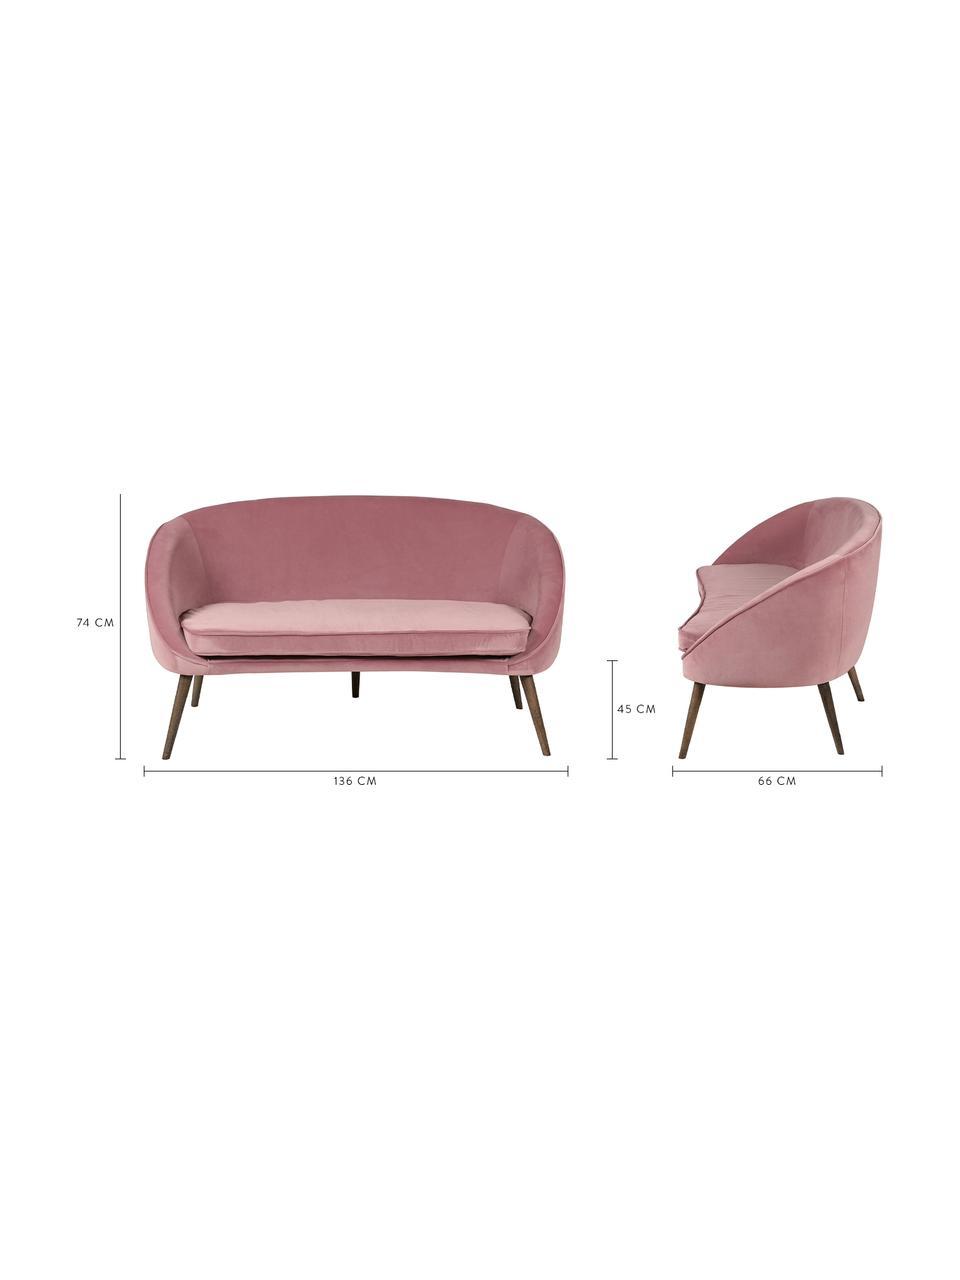 Samt-Sofa Safir (2-Sitzer) in Rosa mit Holz-Füßen, Bezug: Polyestersamt 50.000 Sche, Beine: Walnussbaumholz, gebeizt, Samt Himbeerfarben, B 136 x T 66 cm